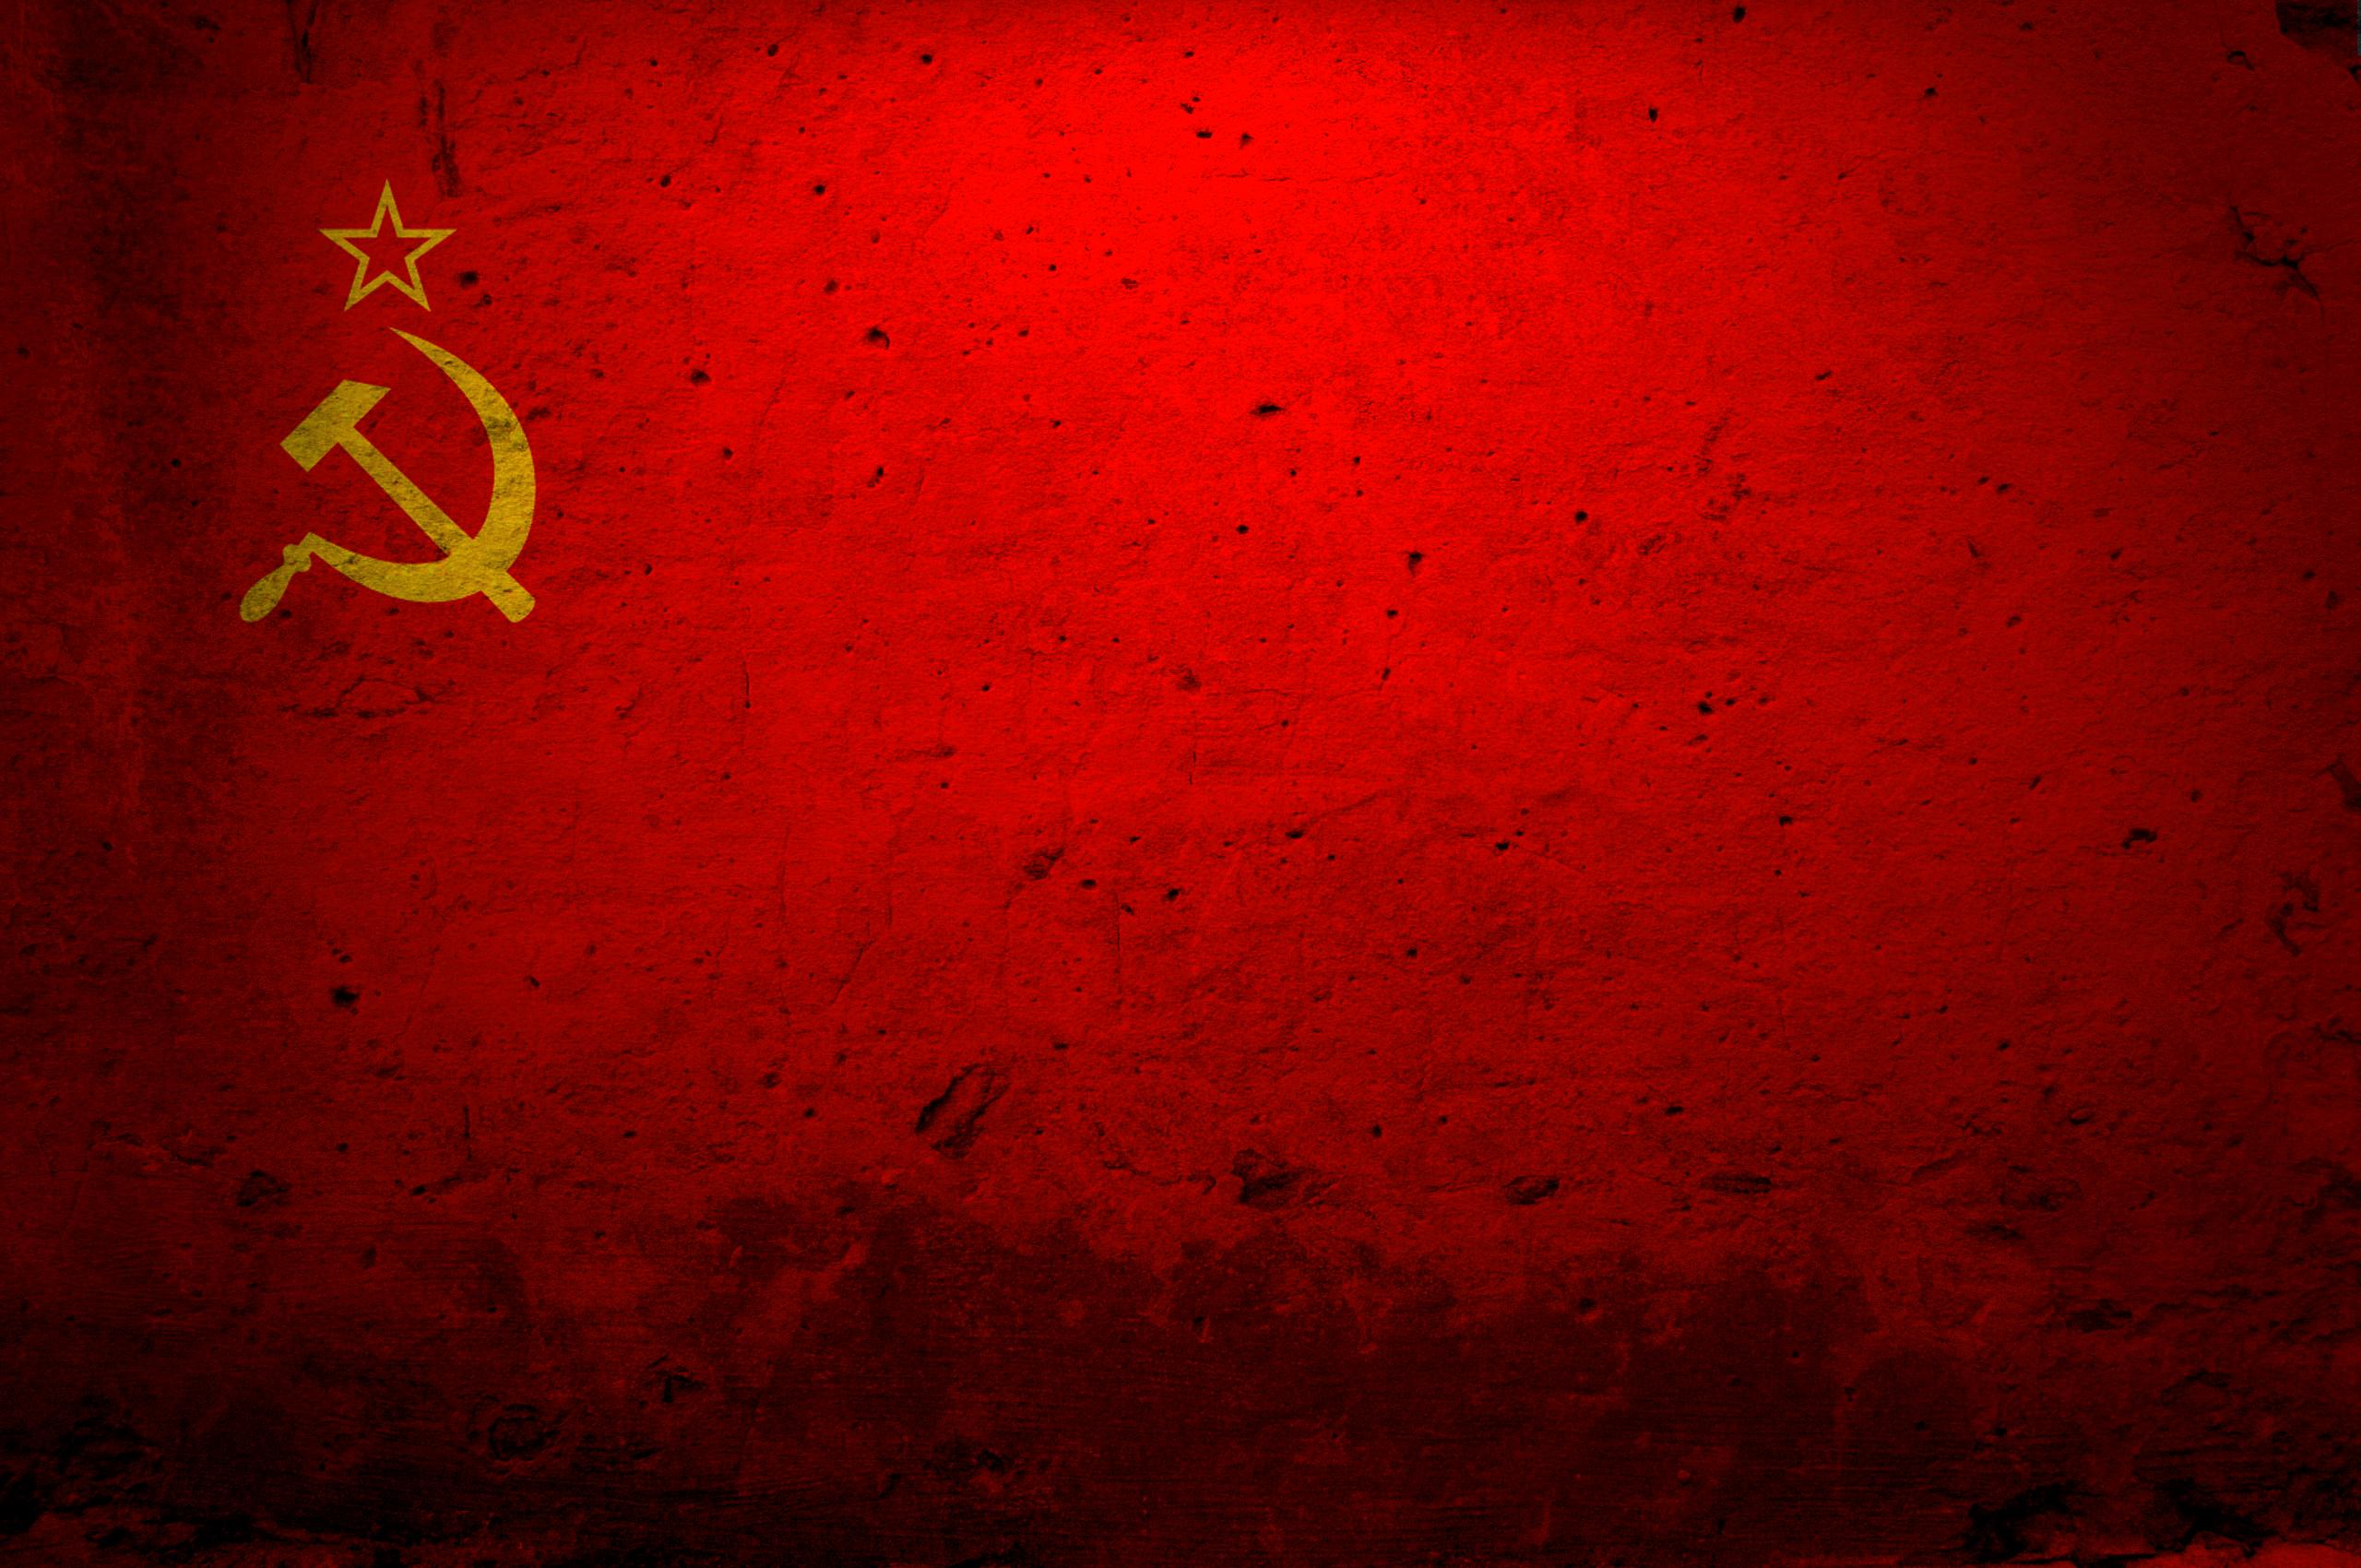 Crece la nostalgia por la Unión Soviética